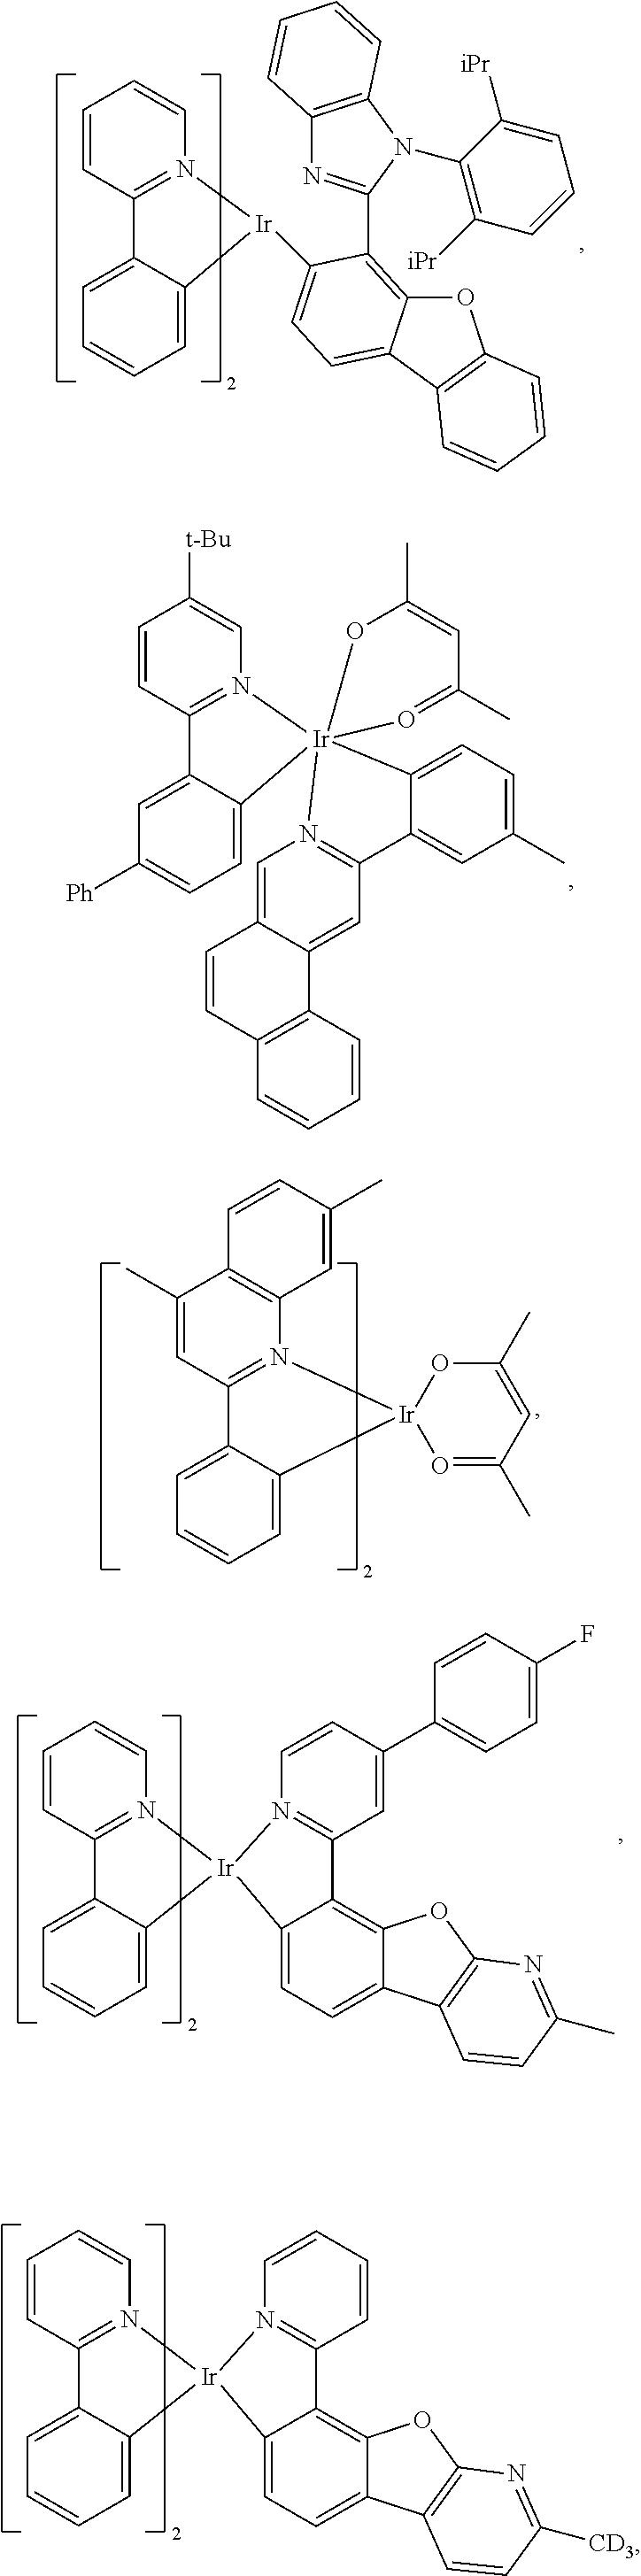 Figure US09978956-20180522-C00079